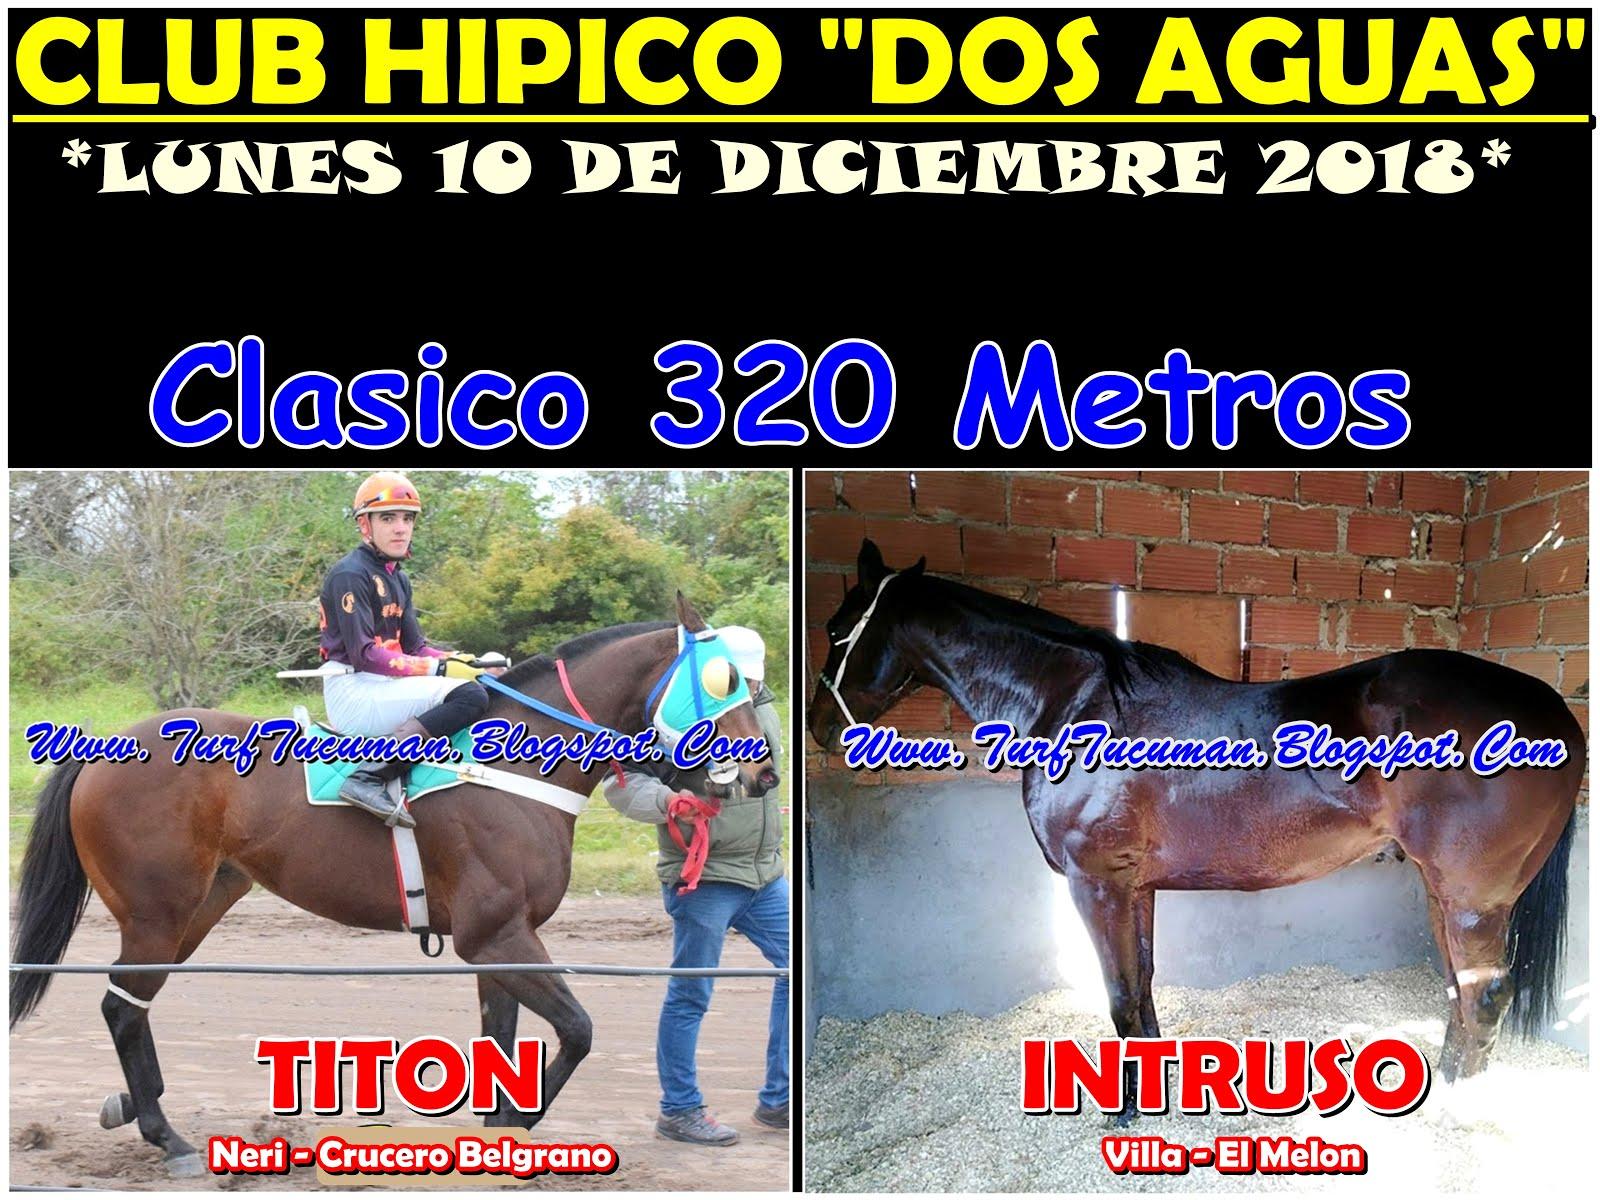 TITON VS INTRUSO